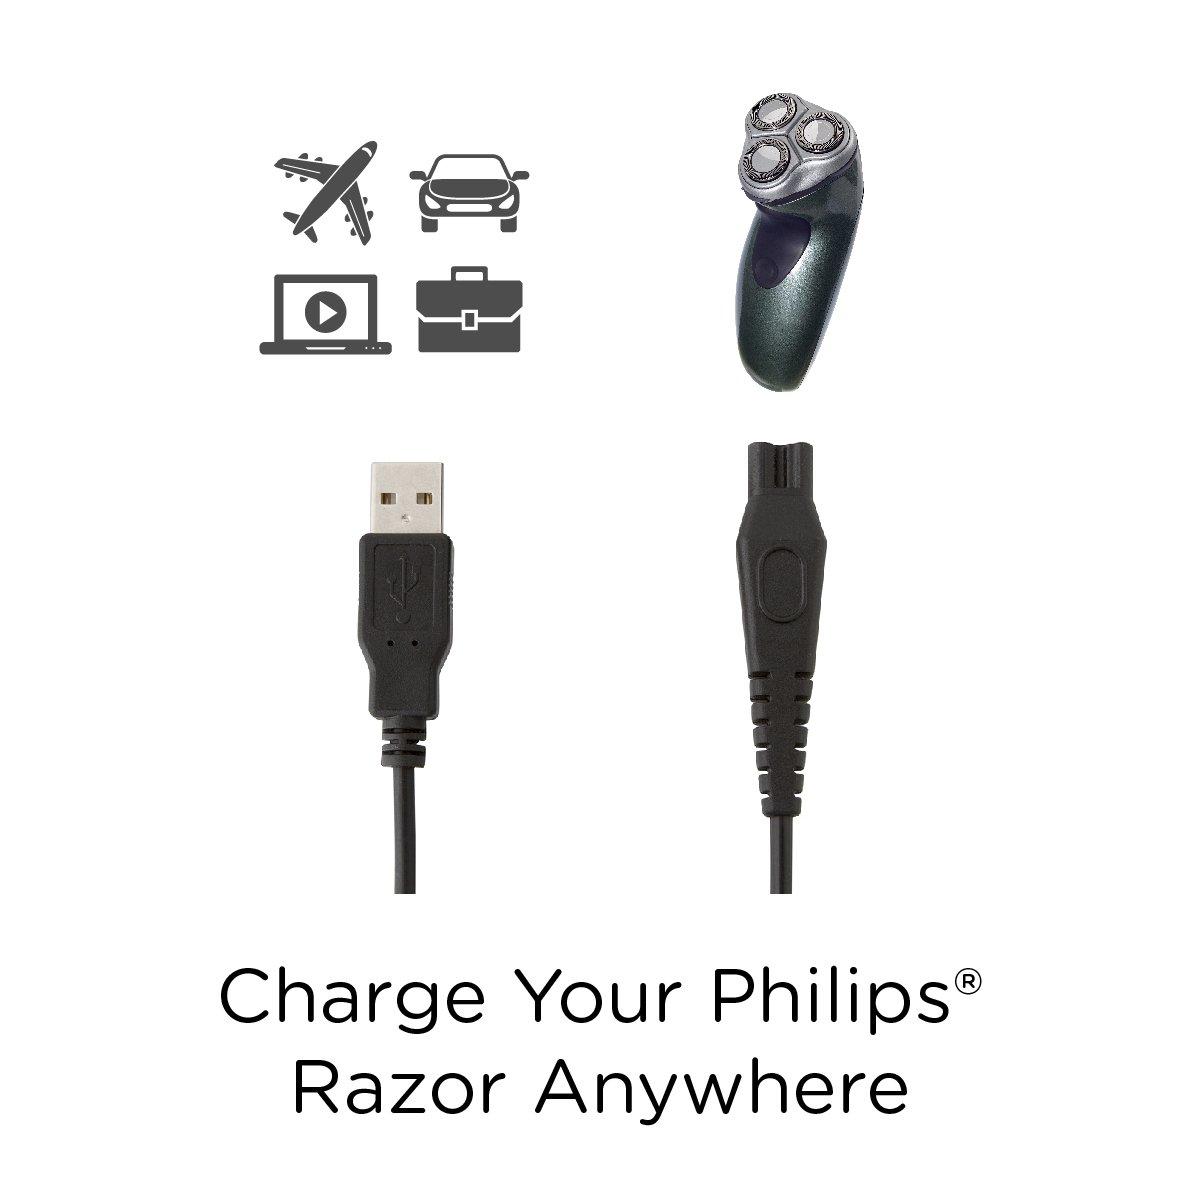 Amazon.com: Cable USB de carga para afeitadoras Philips ...